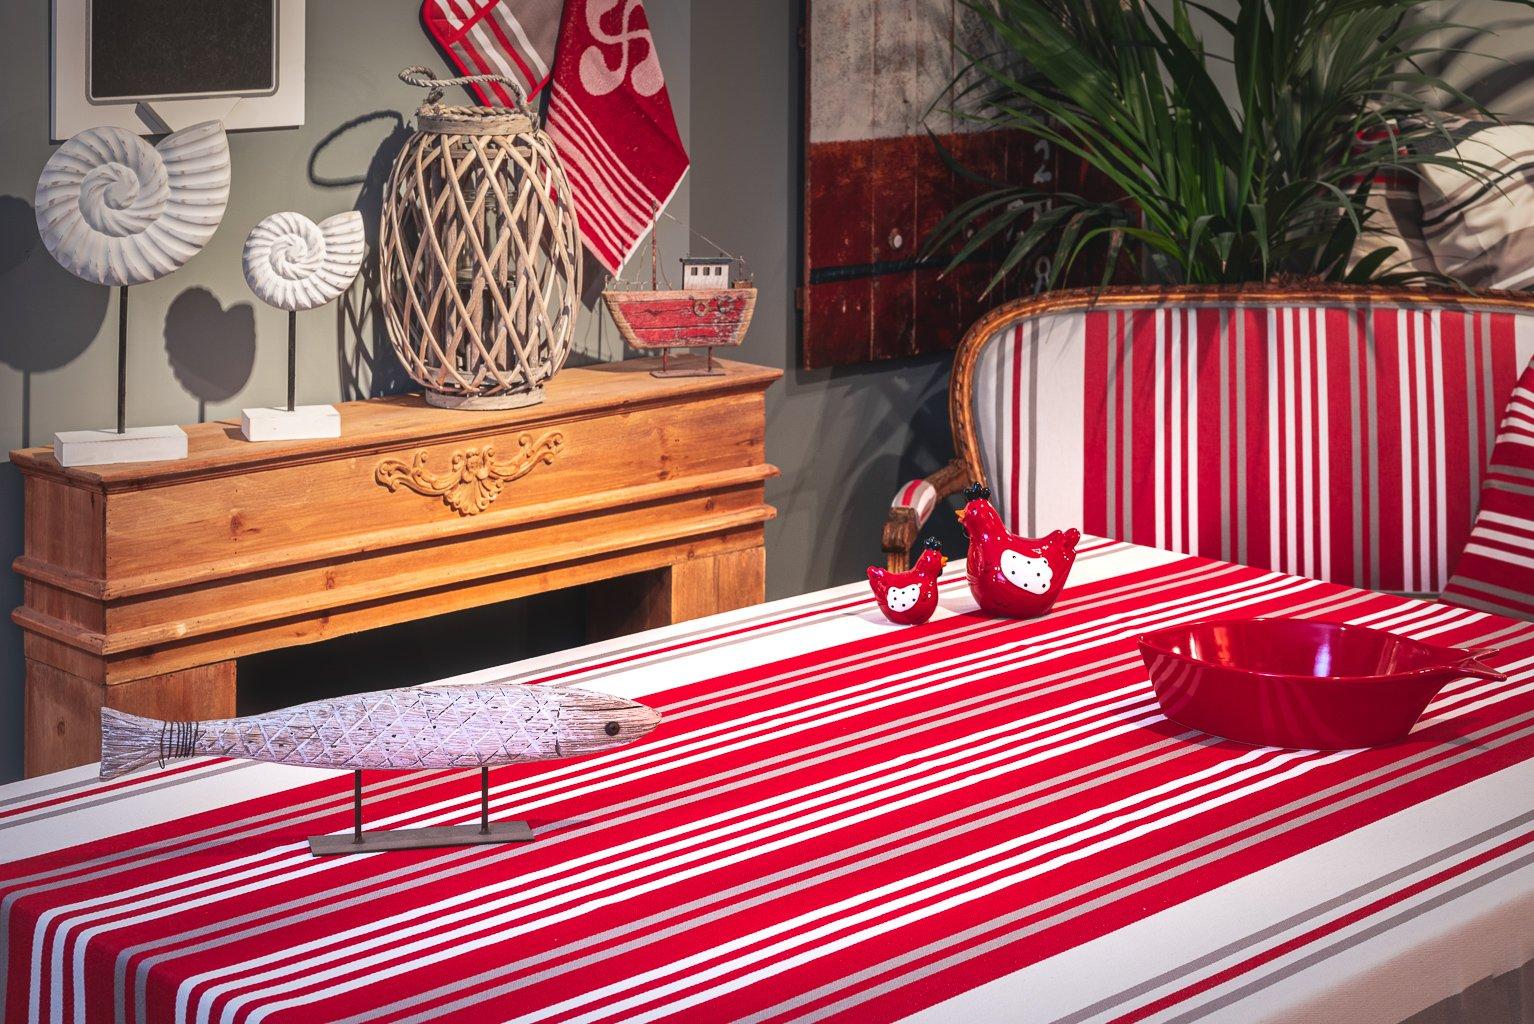 Nappe enduite 100% Coton de satin rouge 300 x 160 cm